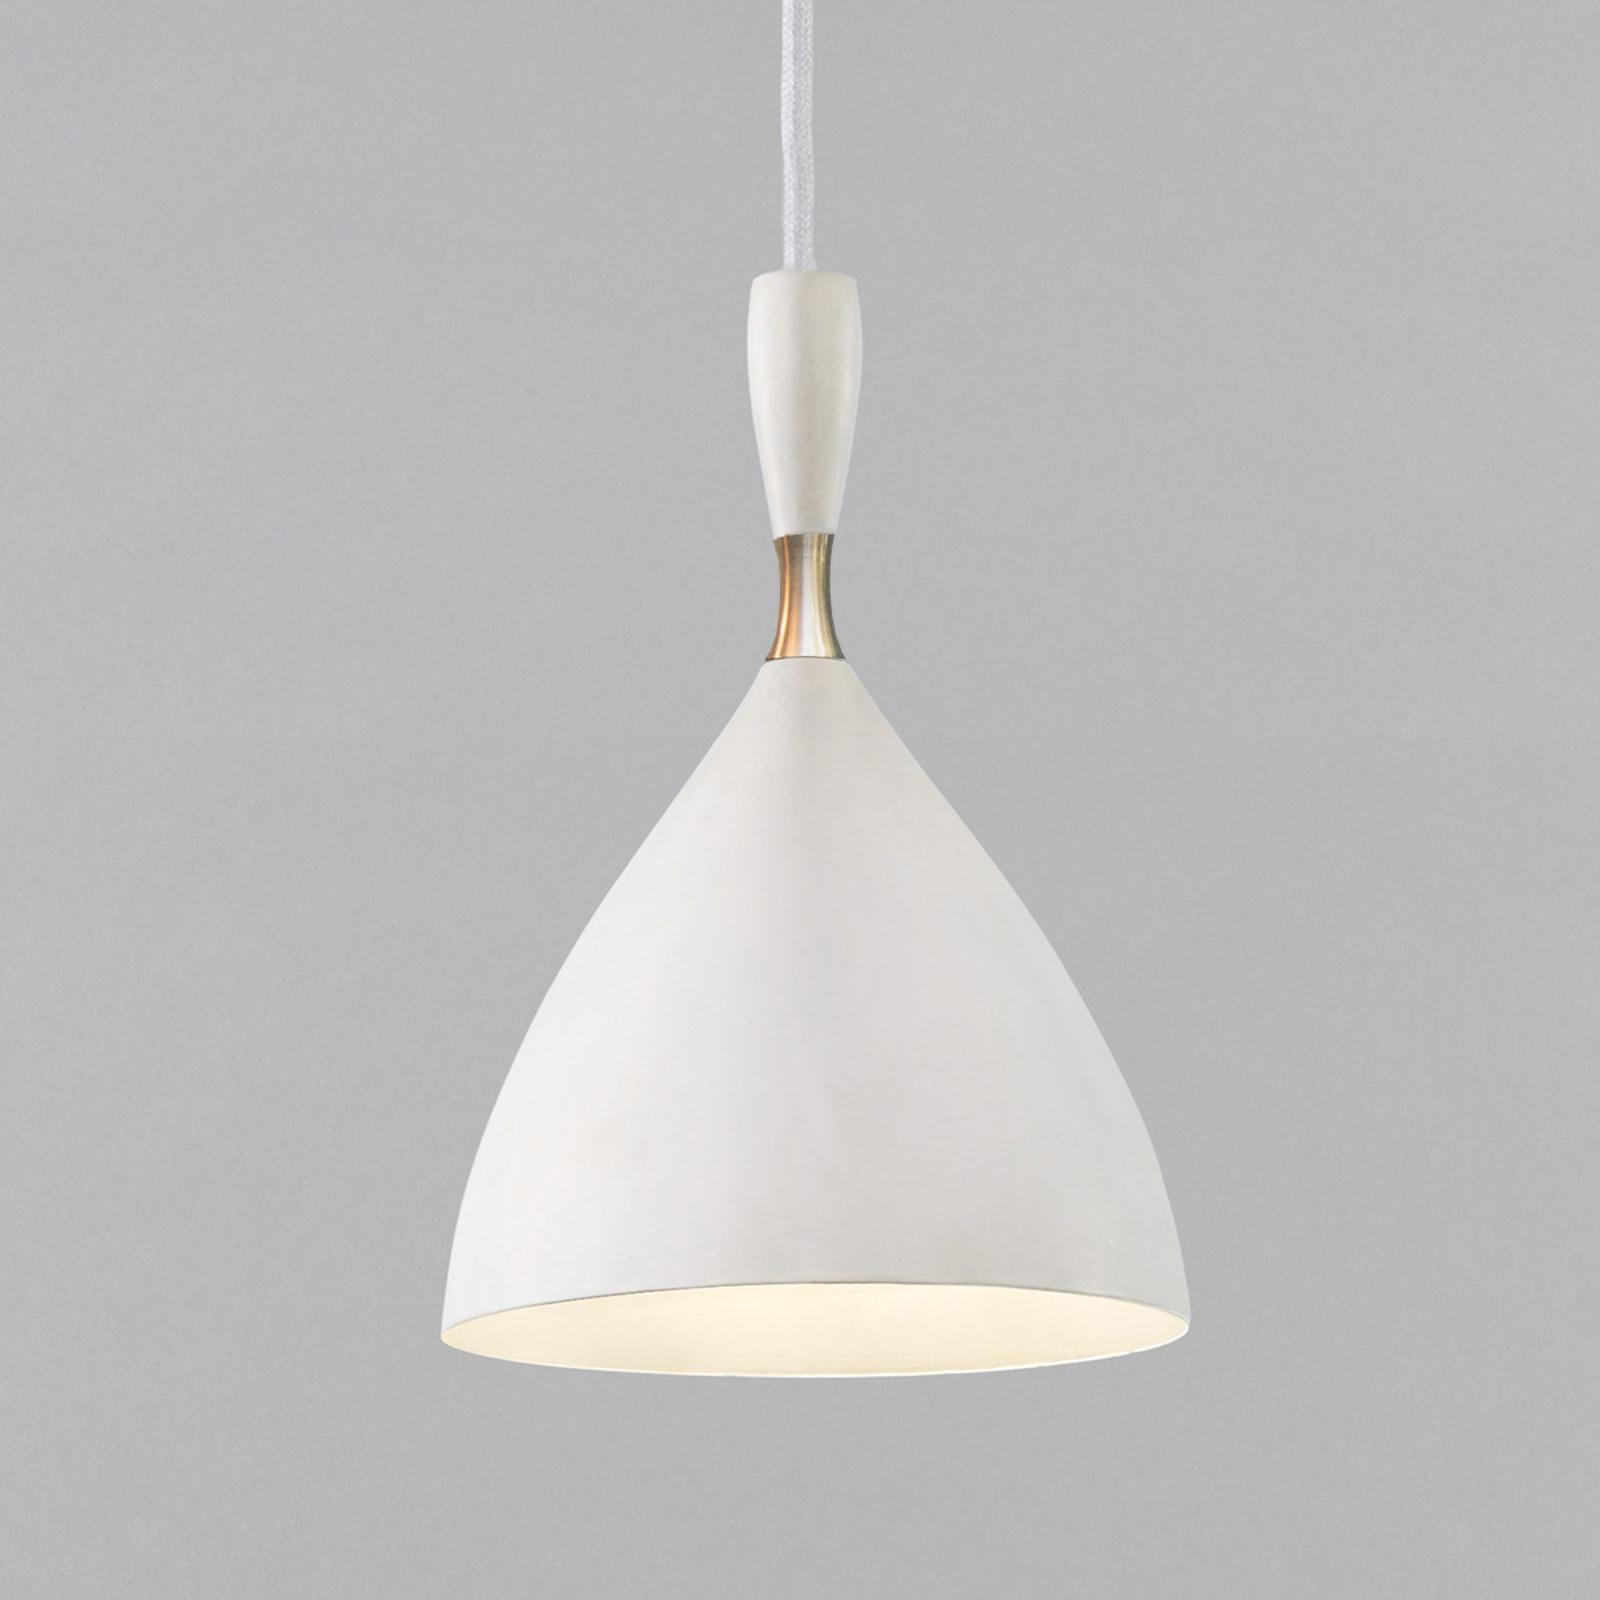 Lampa wisząca retro Dokka, stal, biała